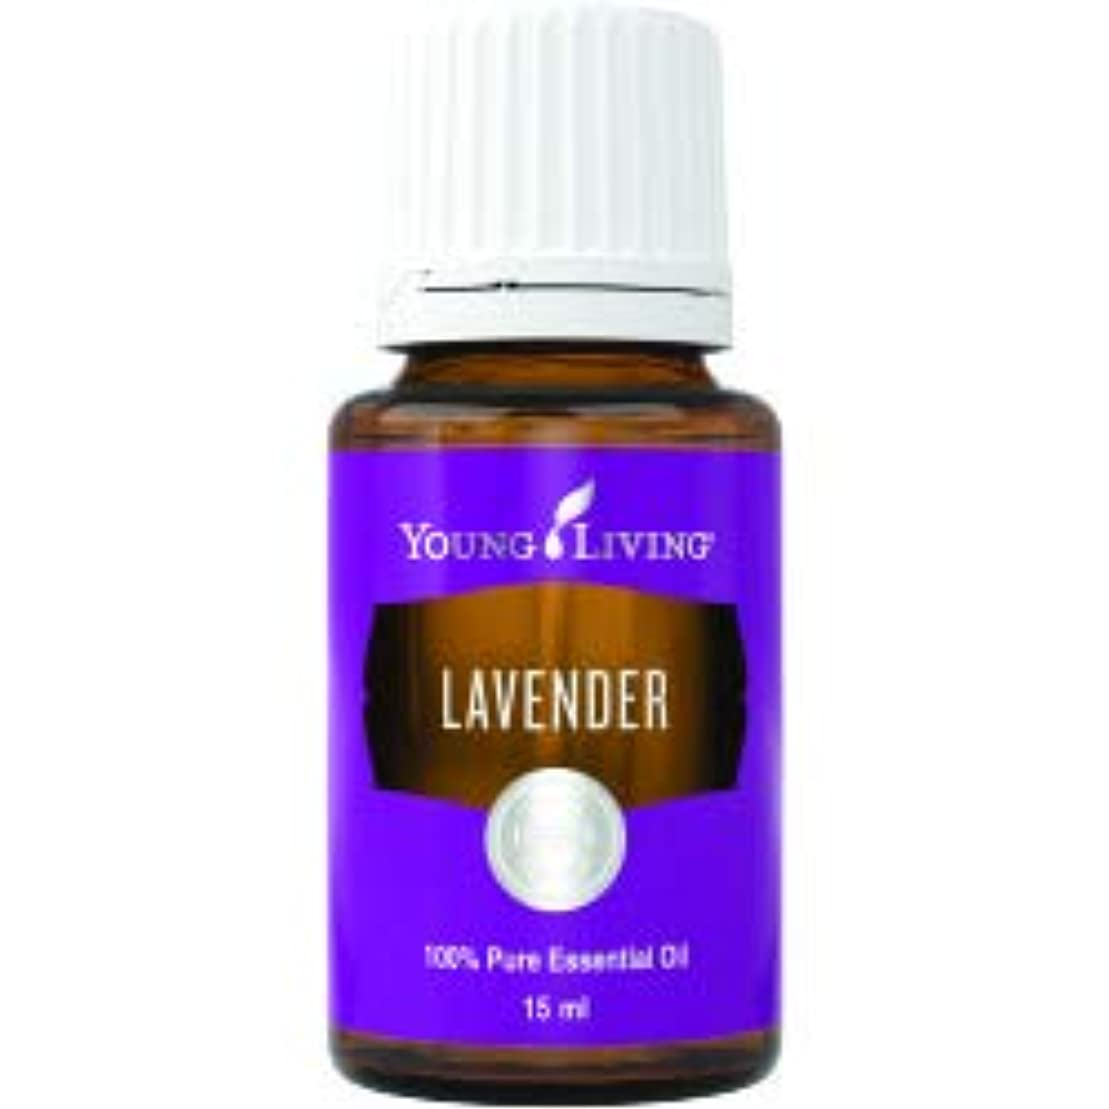 プラスチック争うポンドラベンダーエッセンシャルオイル15ml by Young Livingエッセンシャルオイルマレーシア Lavender Essential Oil 15ml by Young Living Essential Oil Malaysia